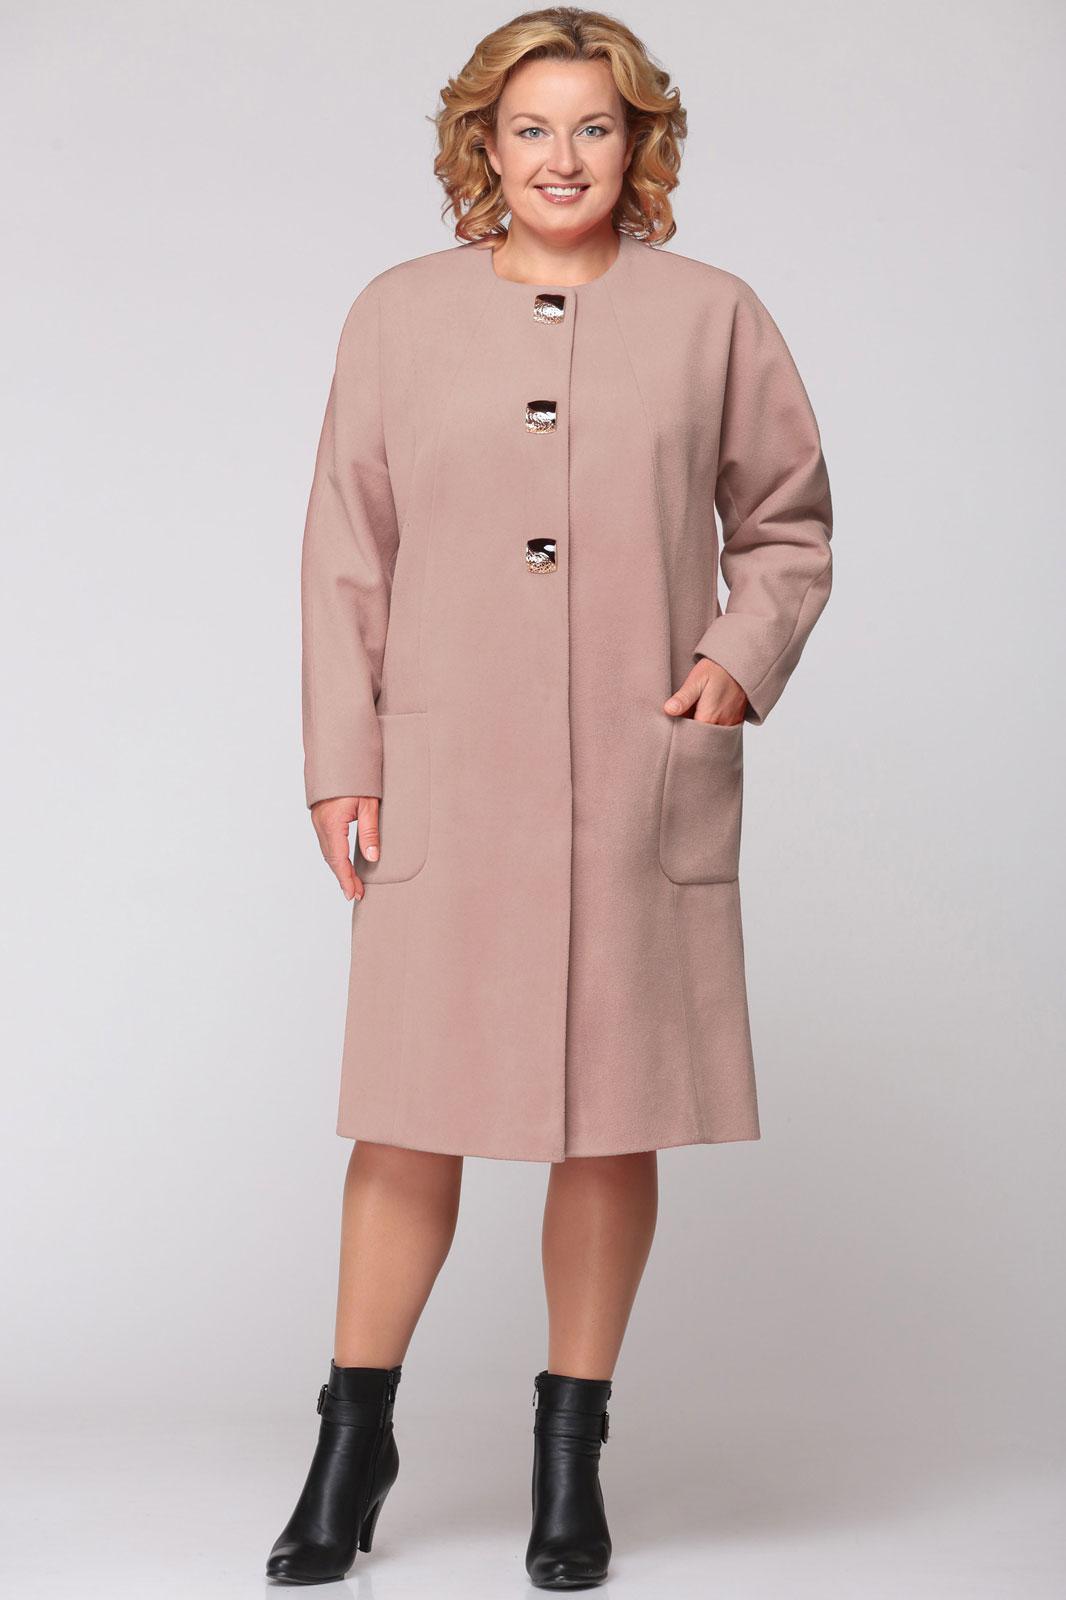 Женские пальто большие интернет магазин купить комбинезон женский летний в интернет